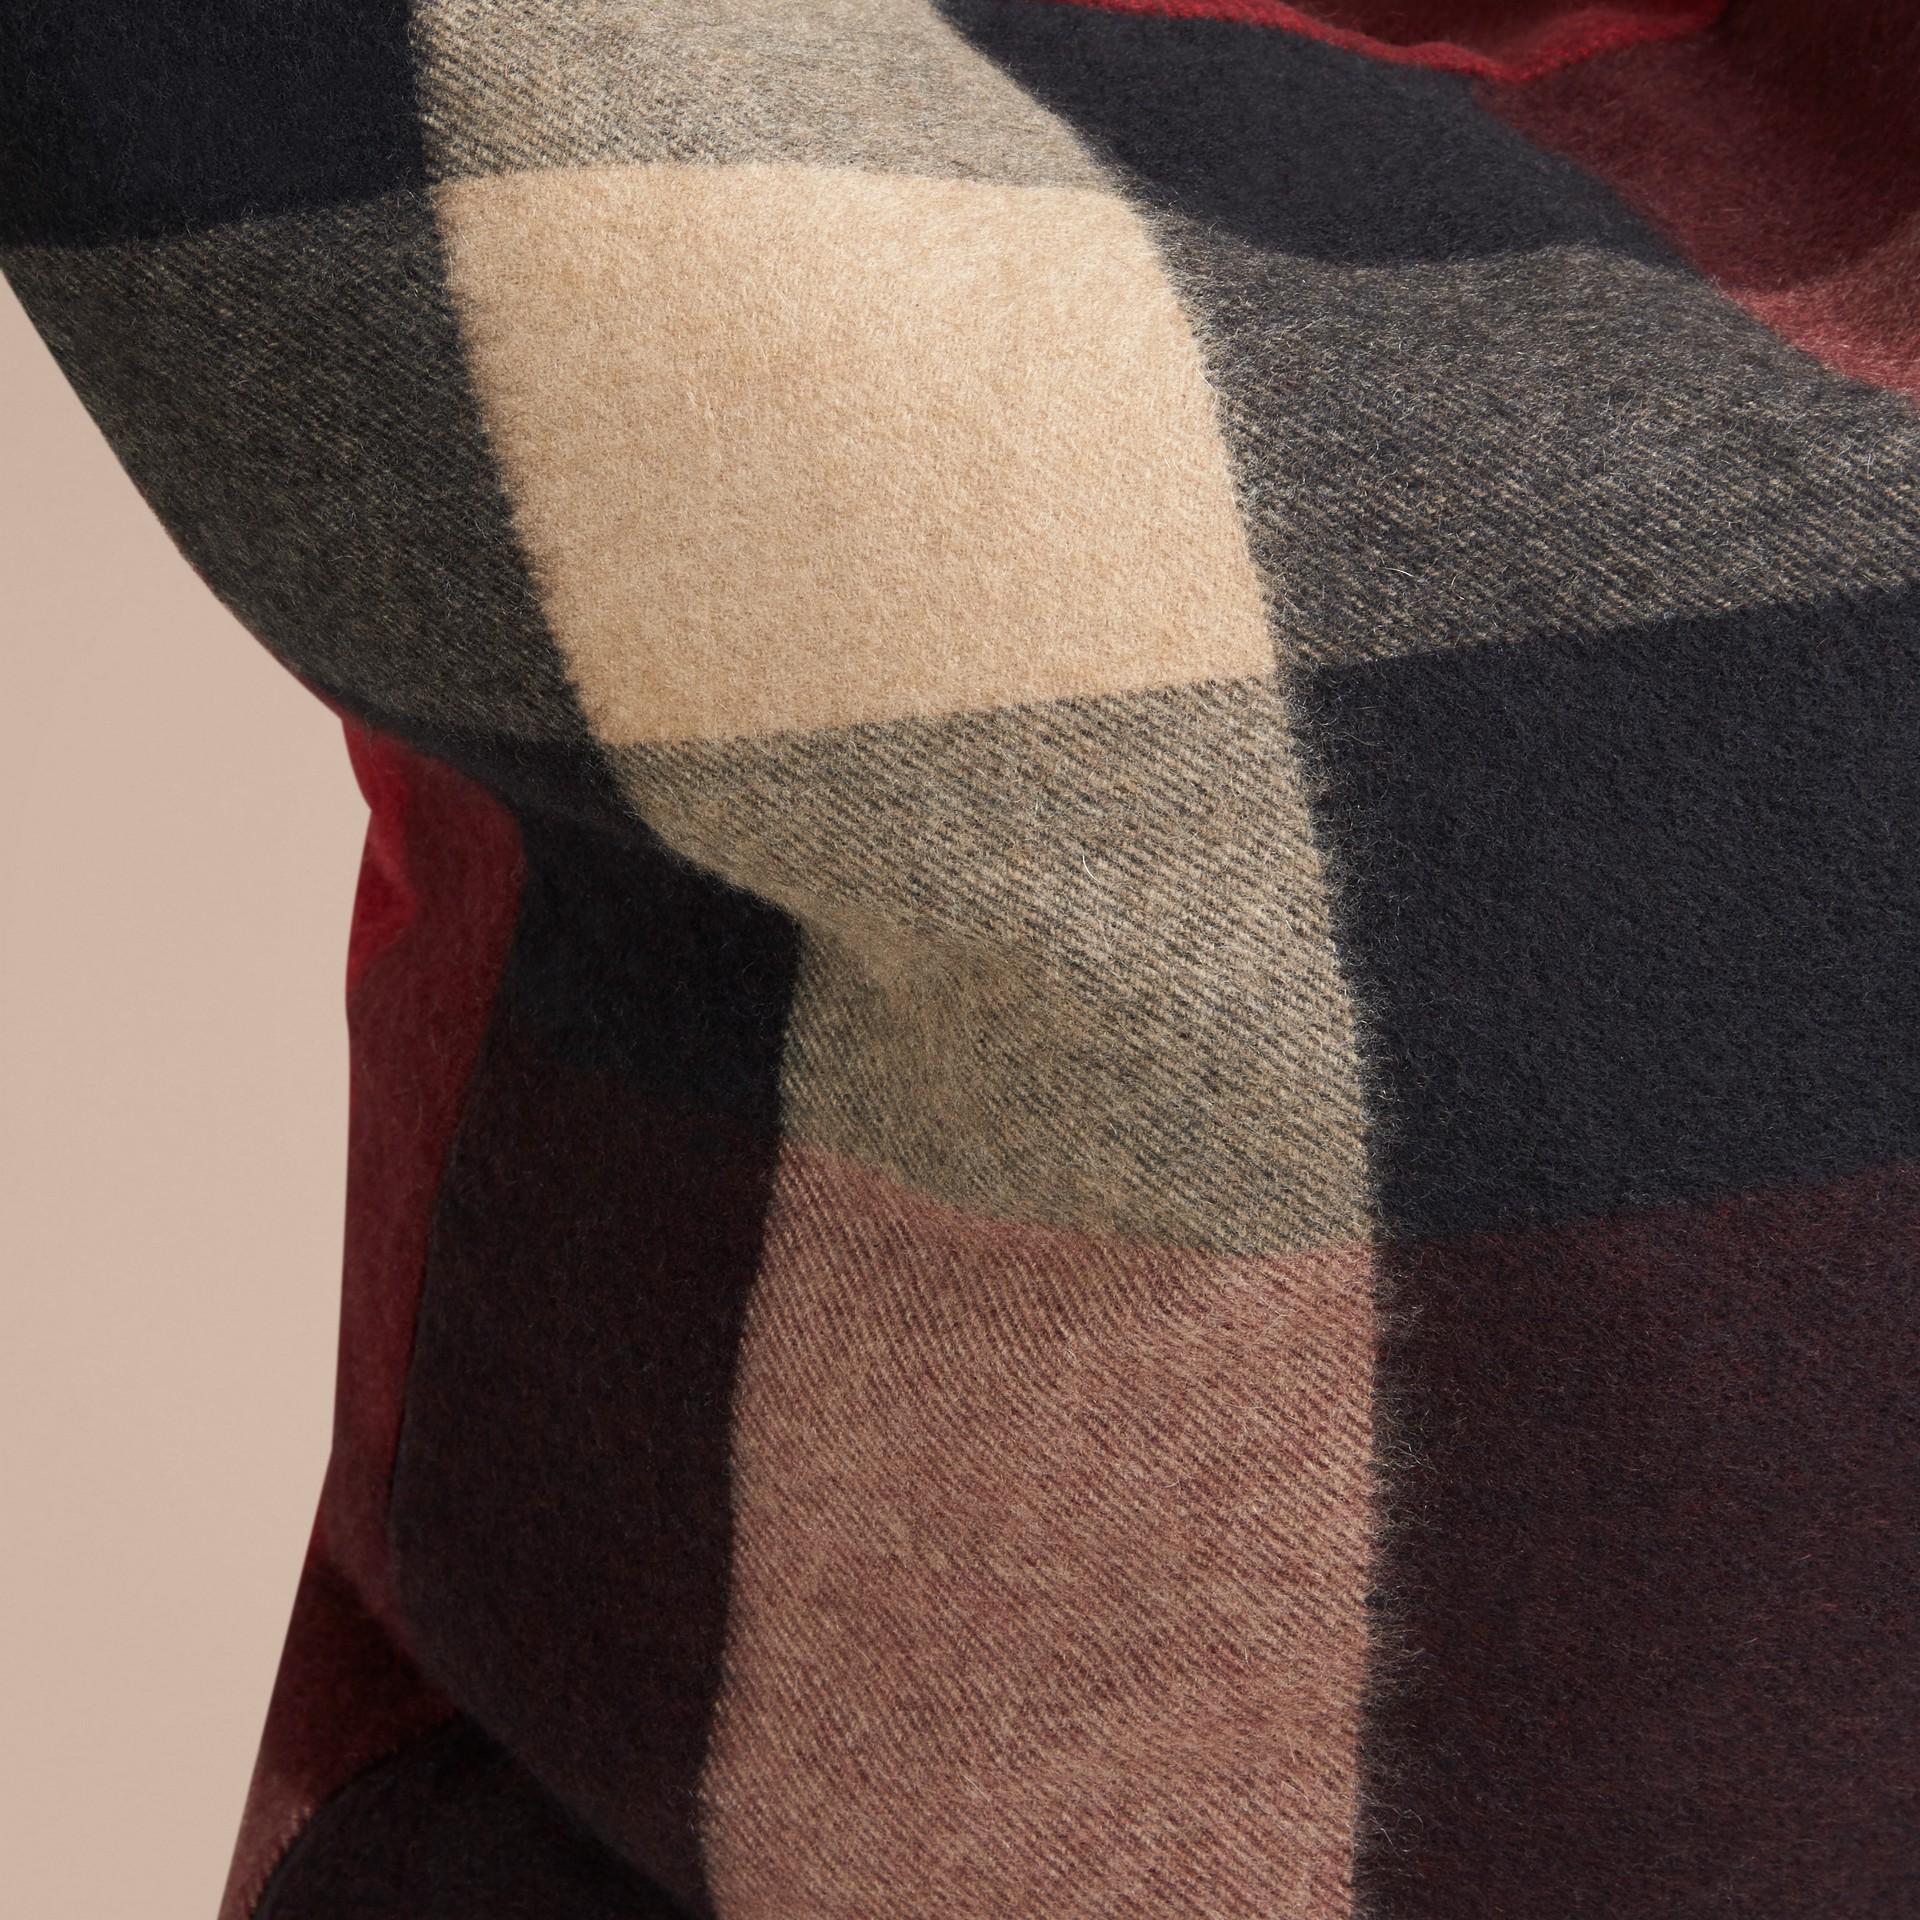 Bordeaux Housse de coussin en cachemire à motif check Bordeaux - photo de la galerie 2